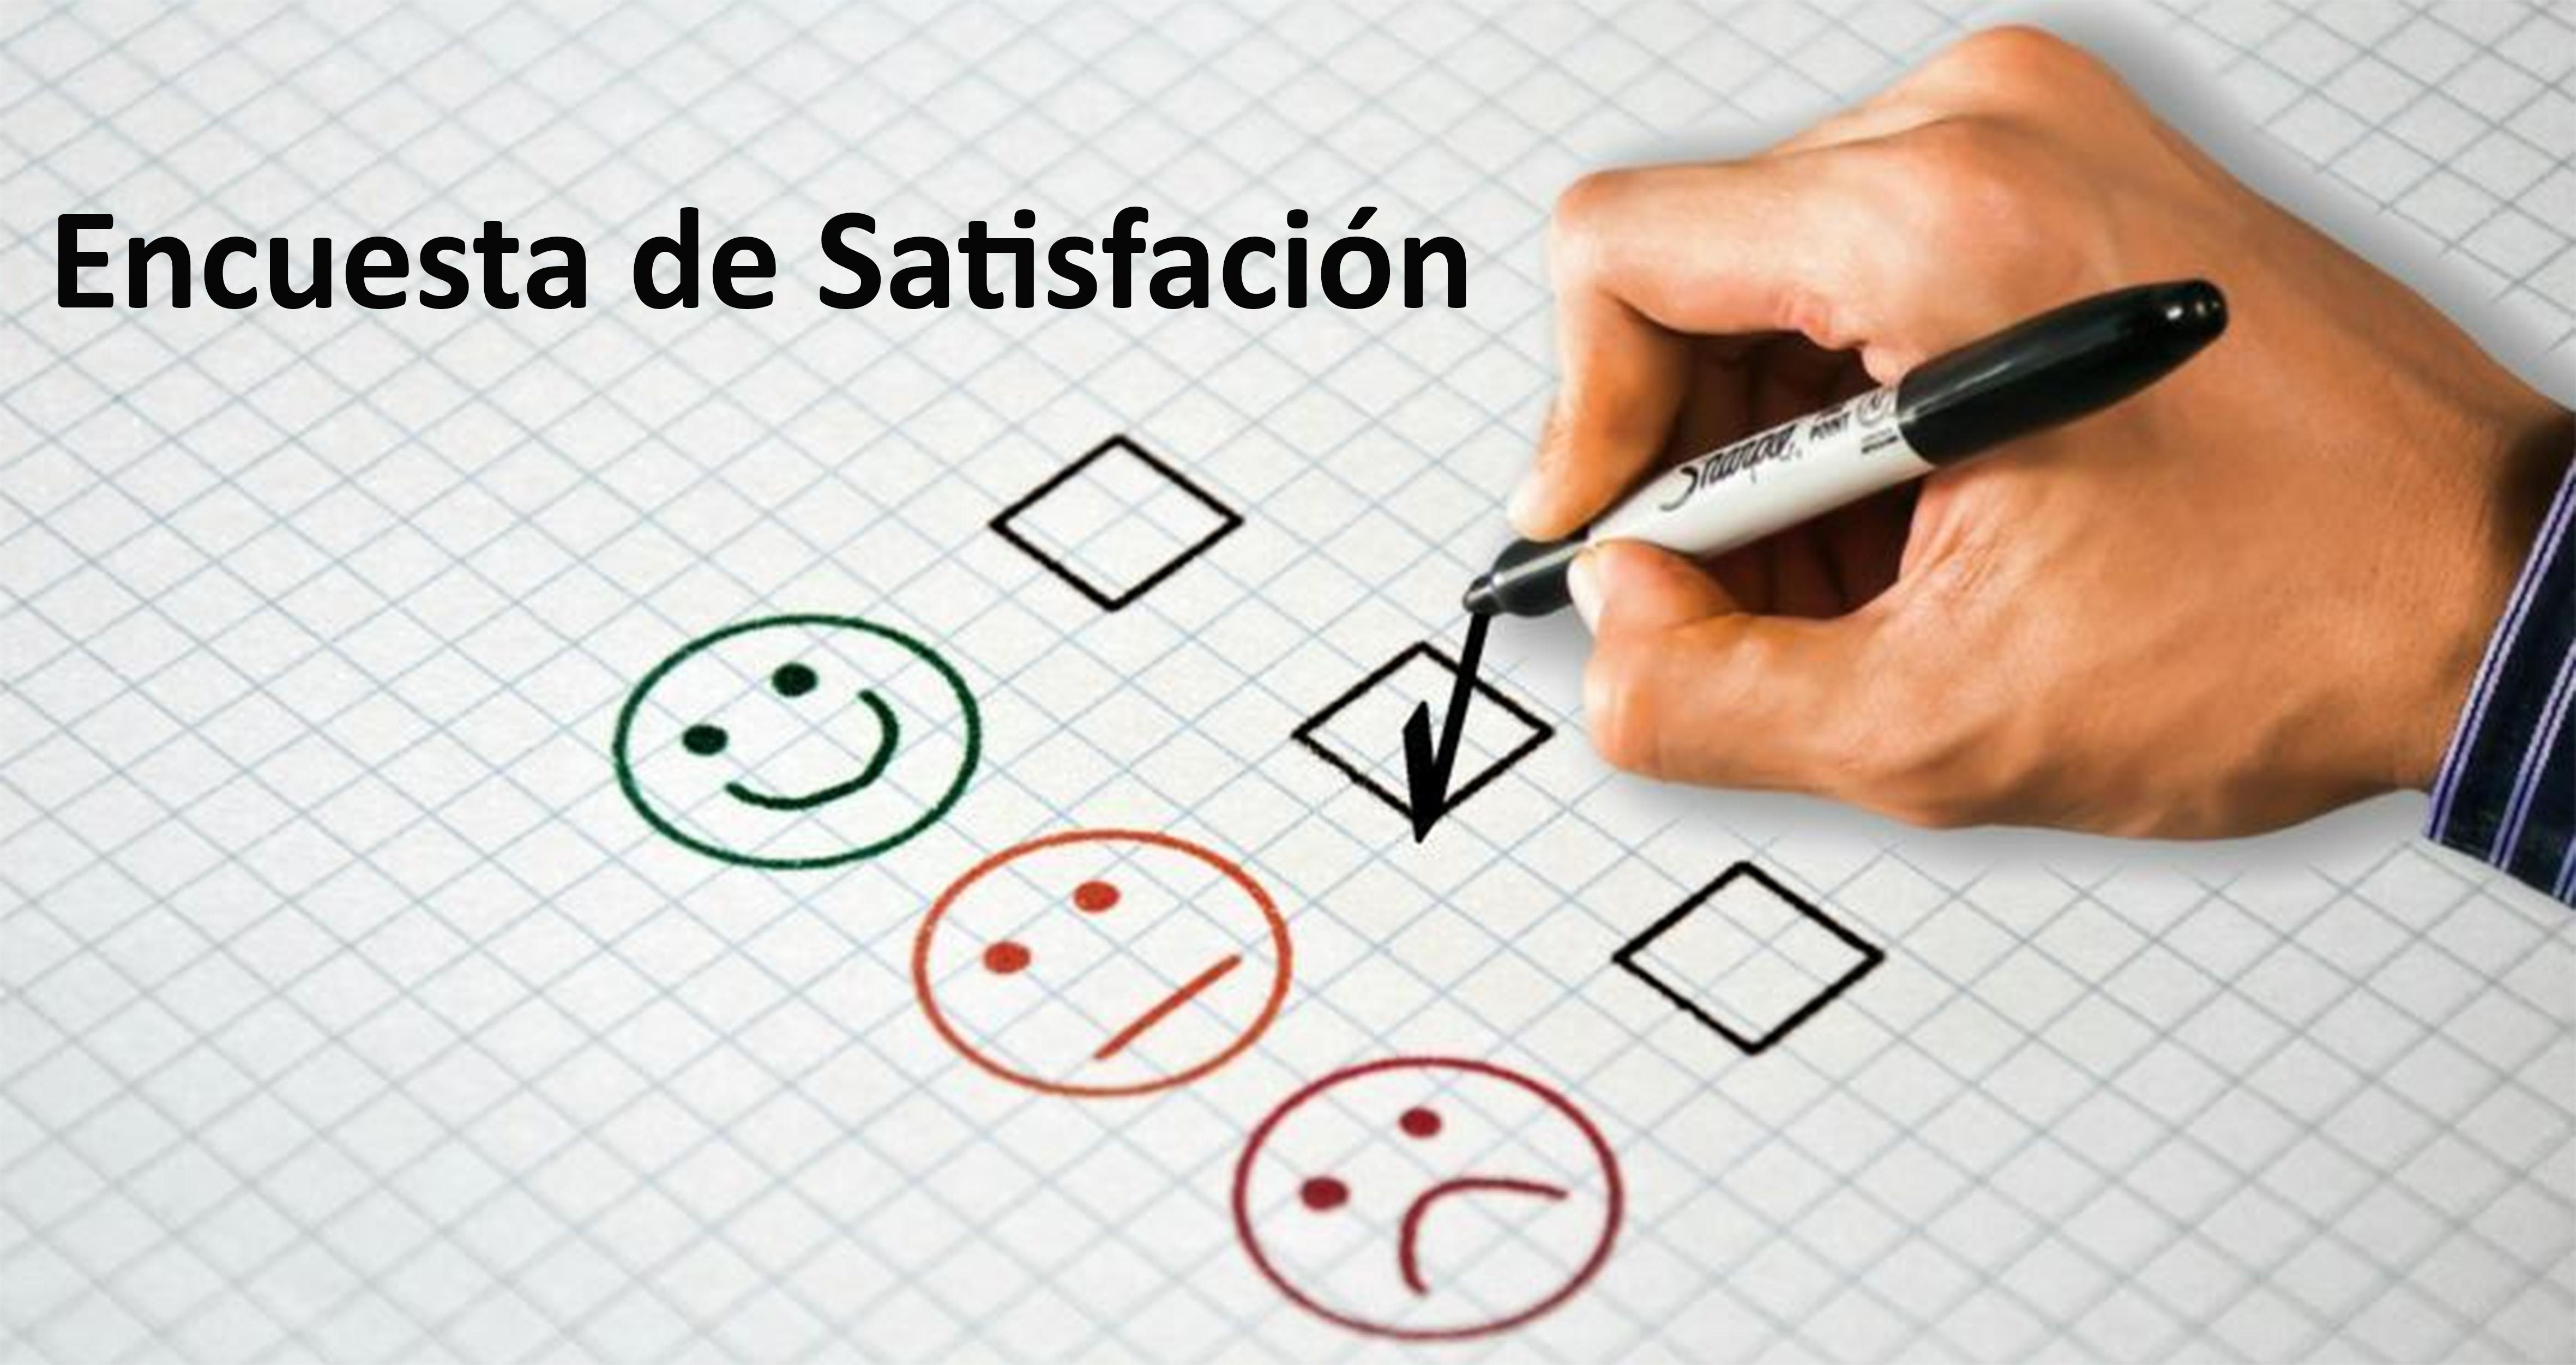 Encuesta de Satisfación